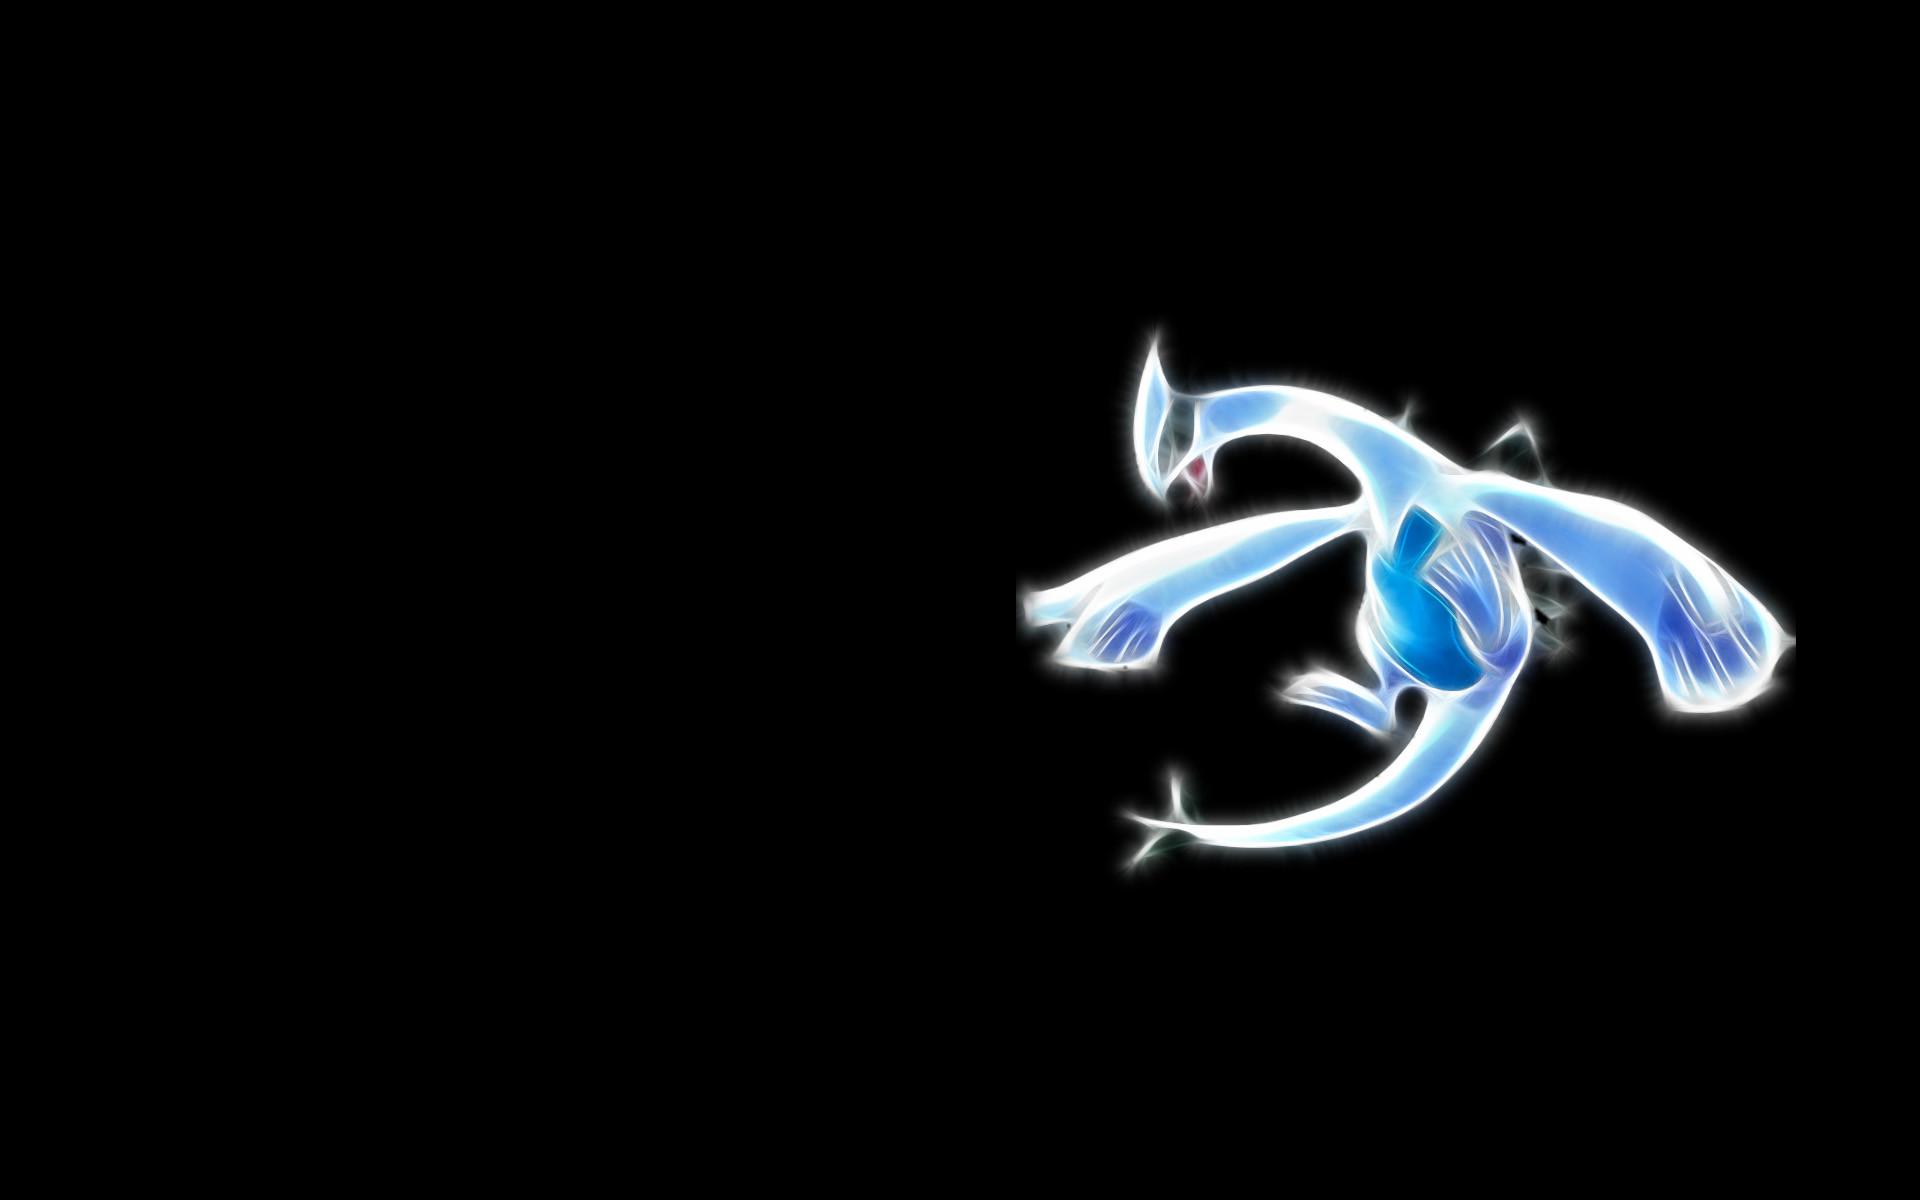 Download Pokemon Lugia Black Entertainment Wallpaper | Full .